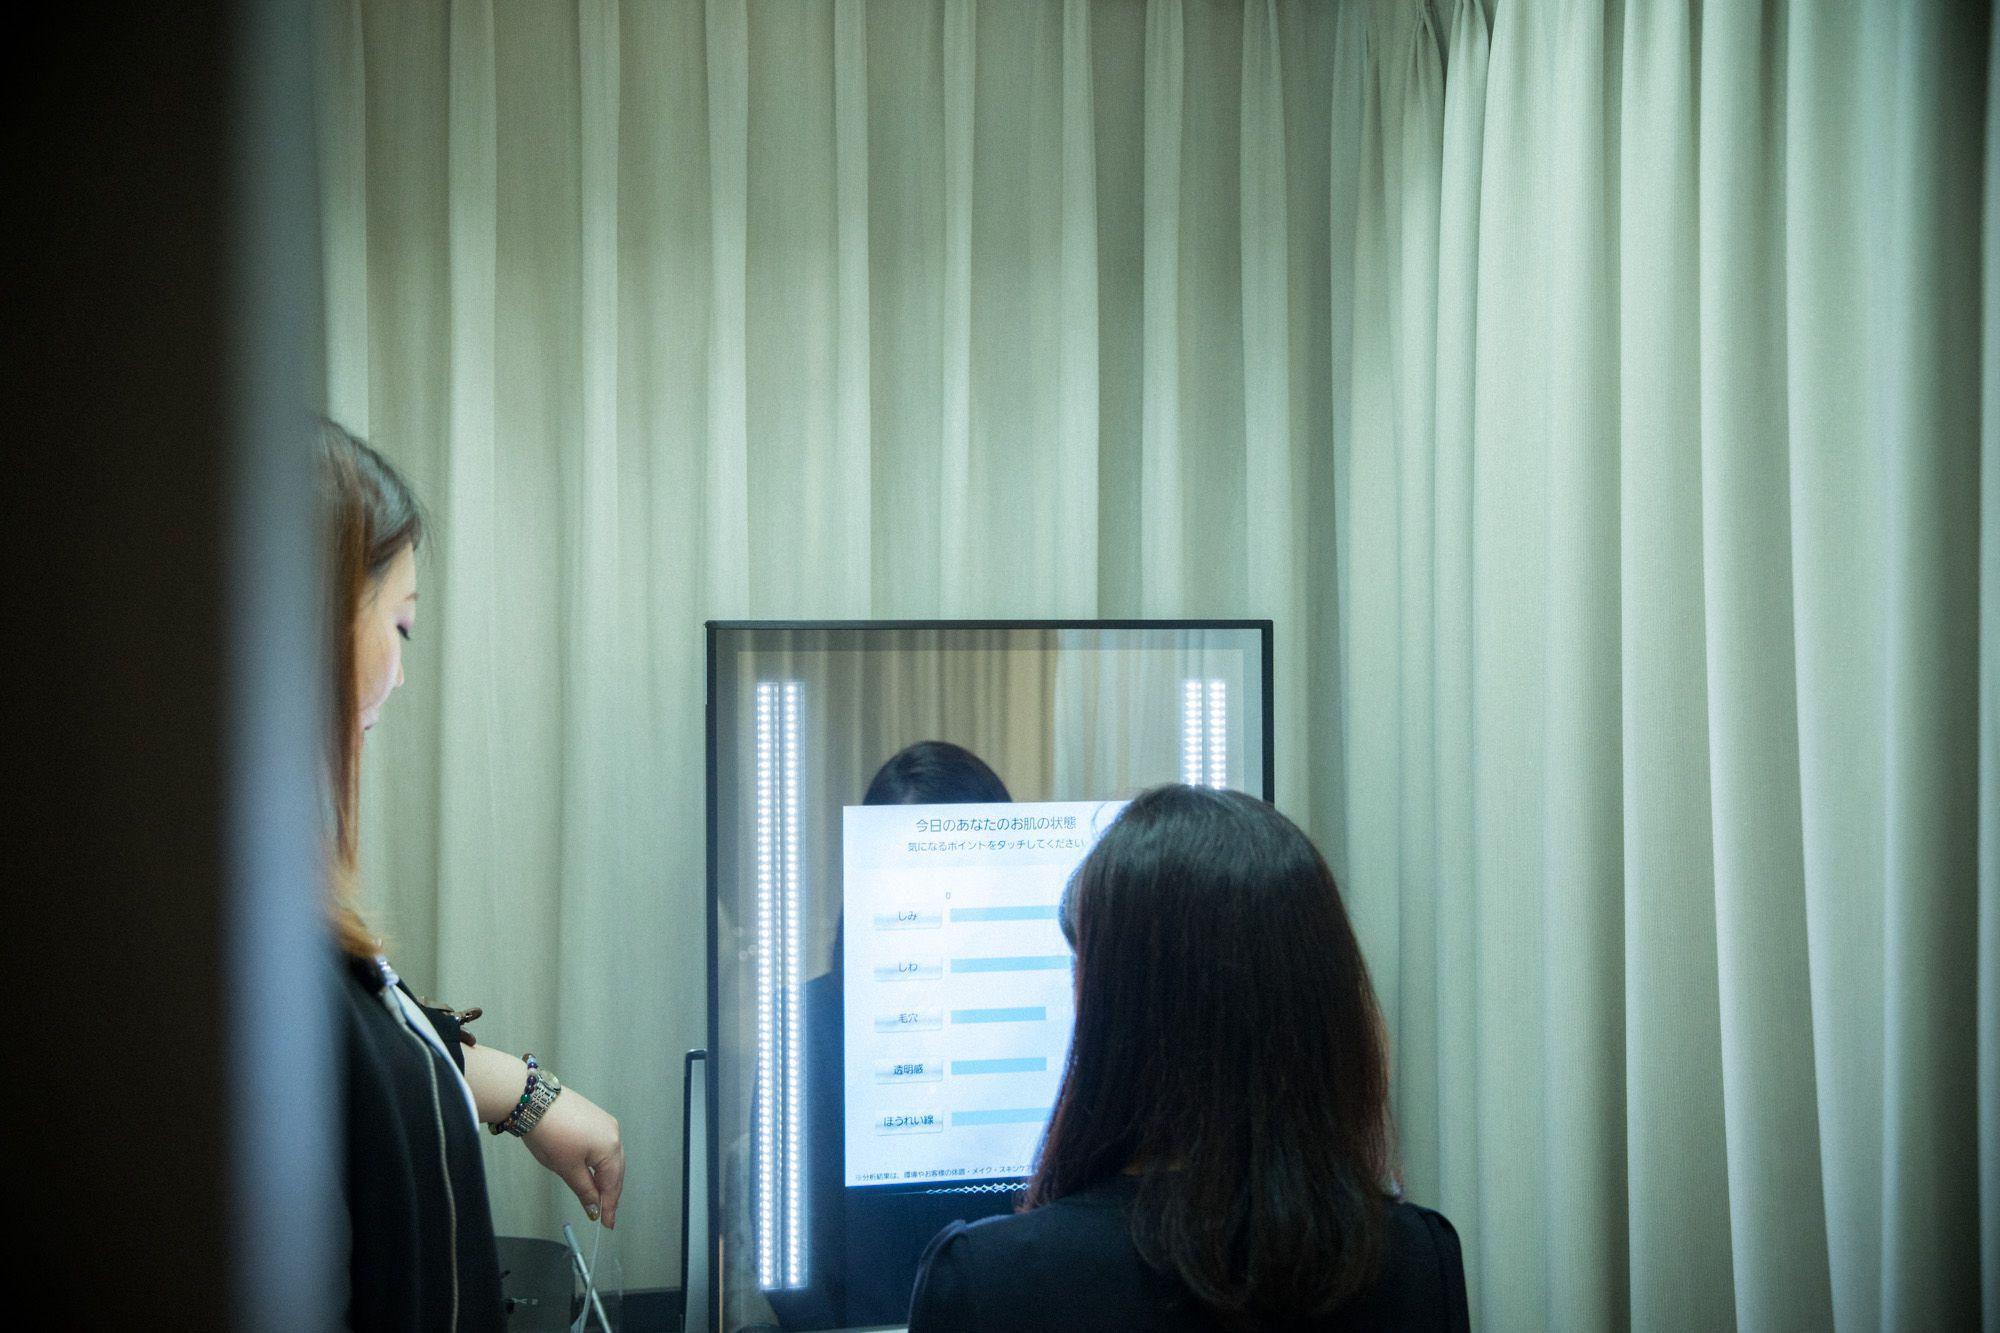 「白雪公主美顏鏡」。在鏡子前拍張照,就可以了解自己肌膚的狀態。一樓也有設置,供感興趣的人使用。